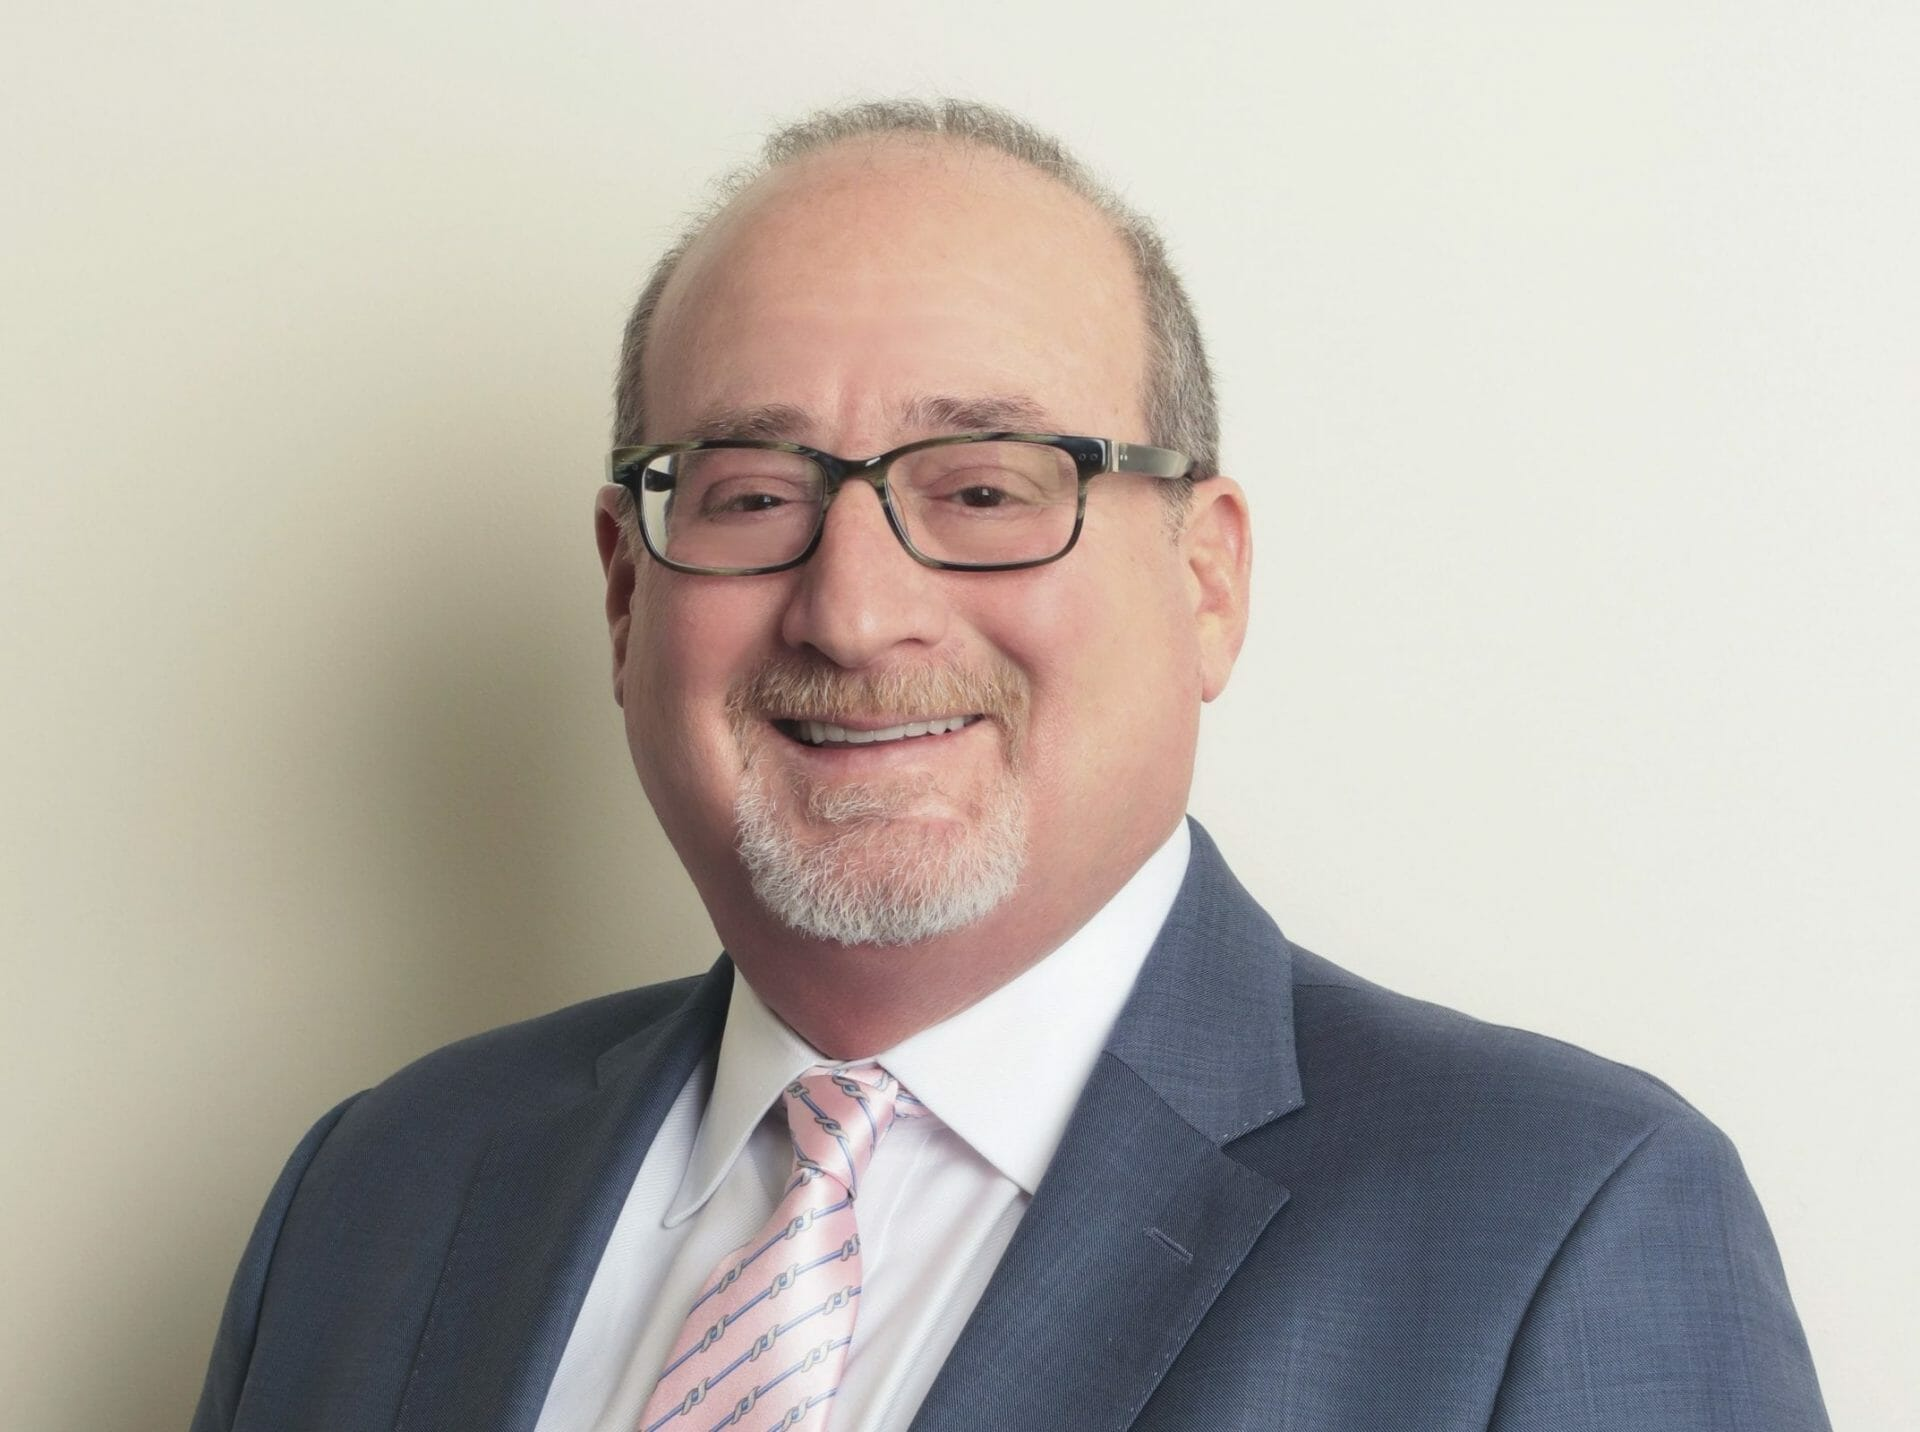 Richard Birnbaum